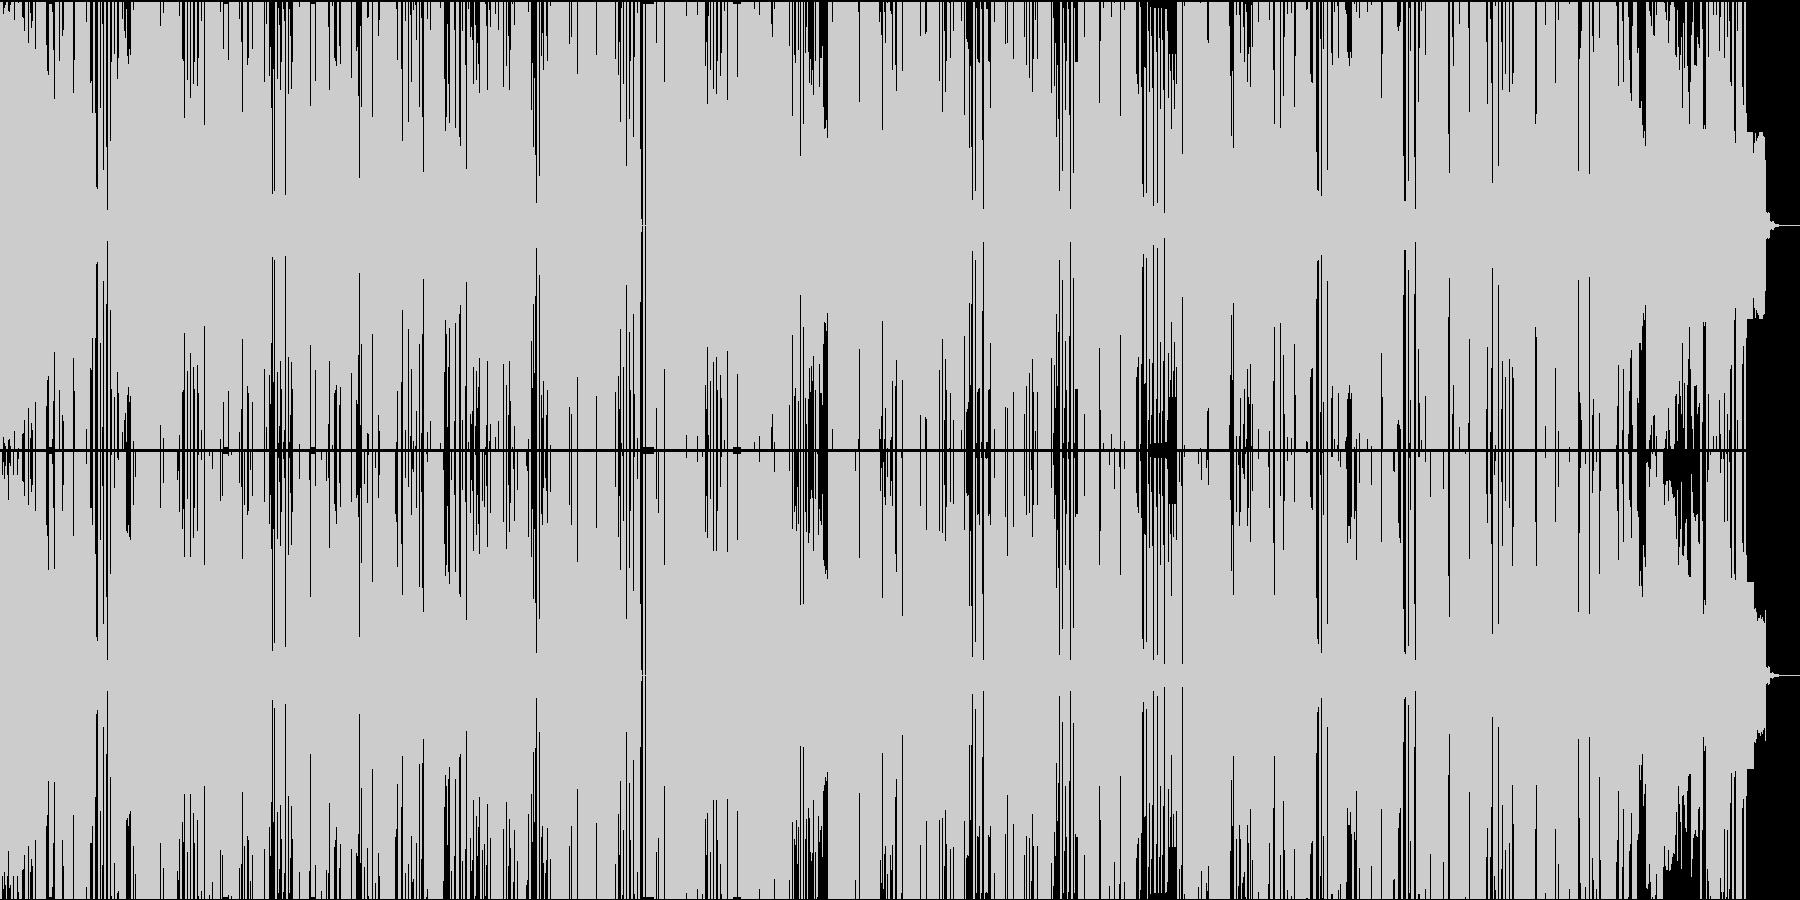 キュートで毒のある電子ポップサウンドの未再生の波形